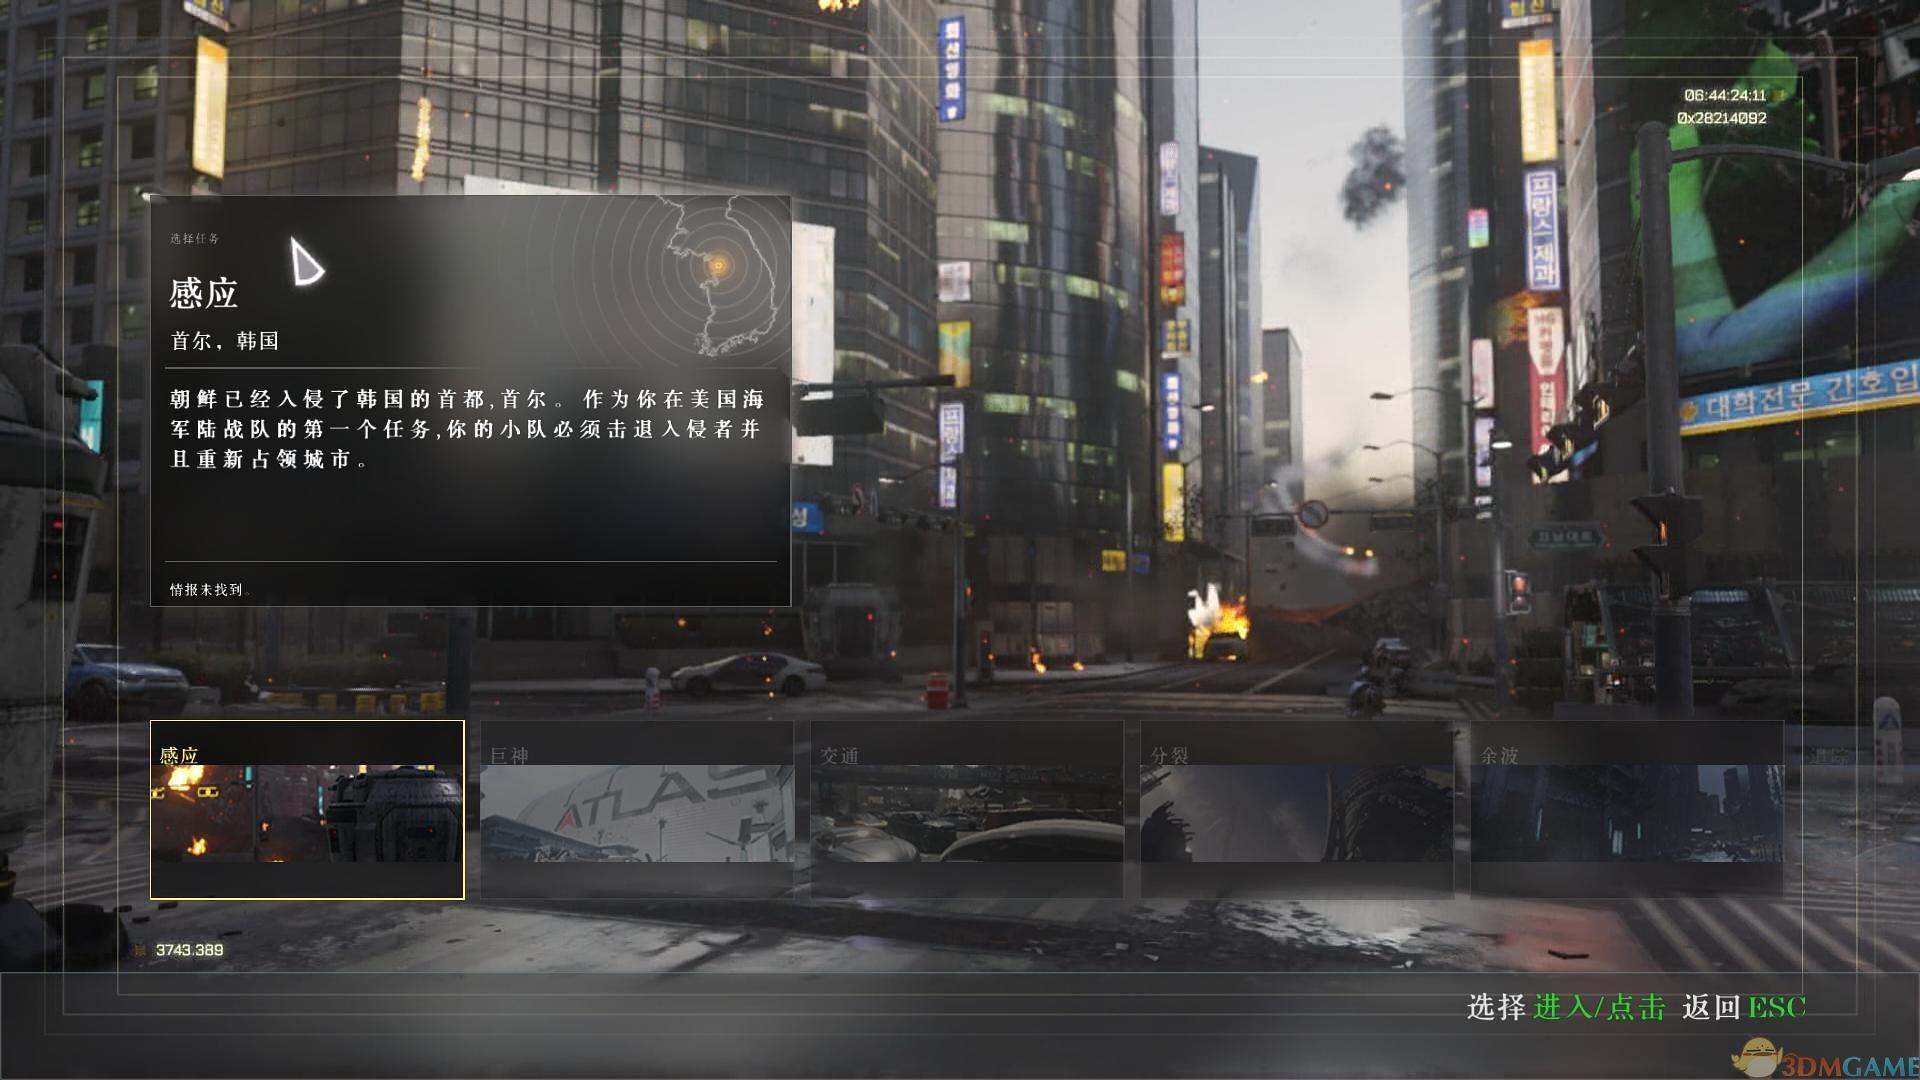 使命召唤11:高级战争 最高难度通关存档Build01